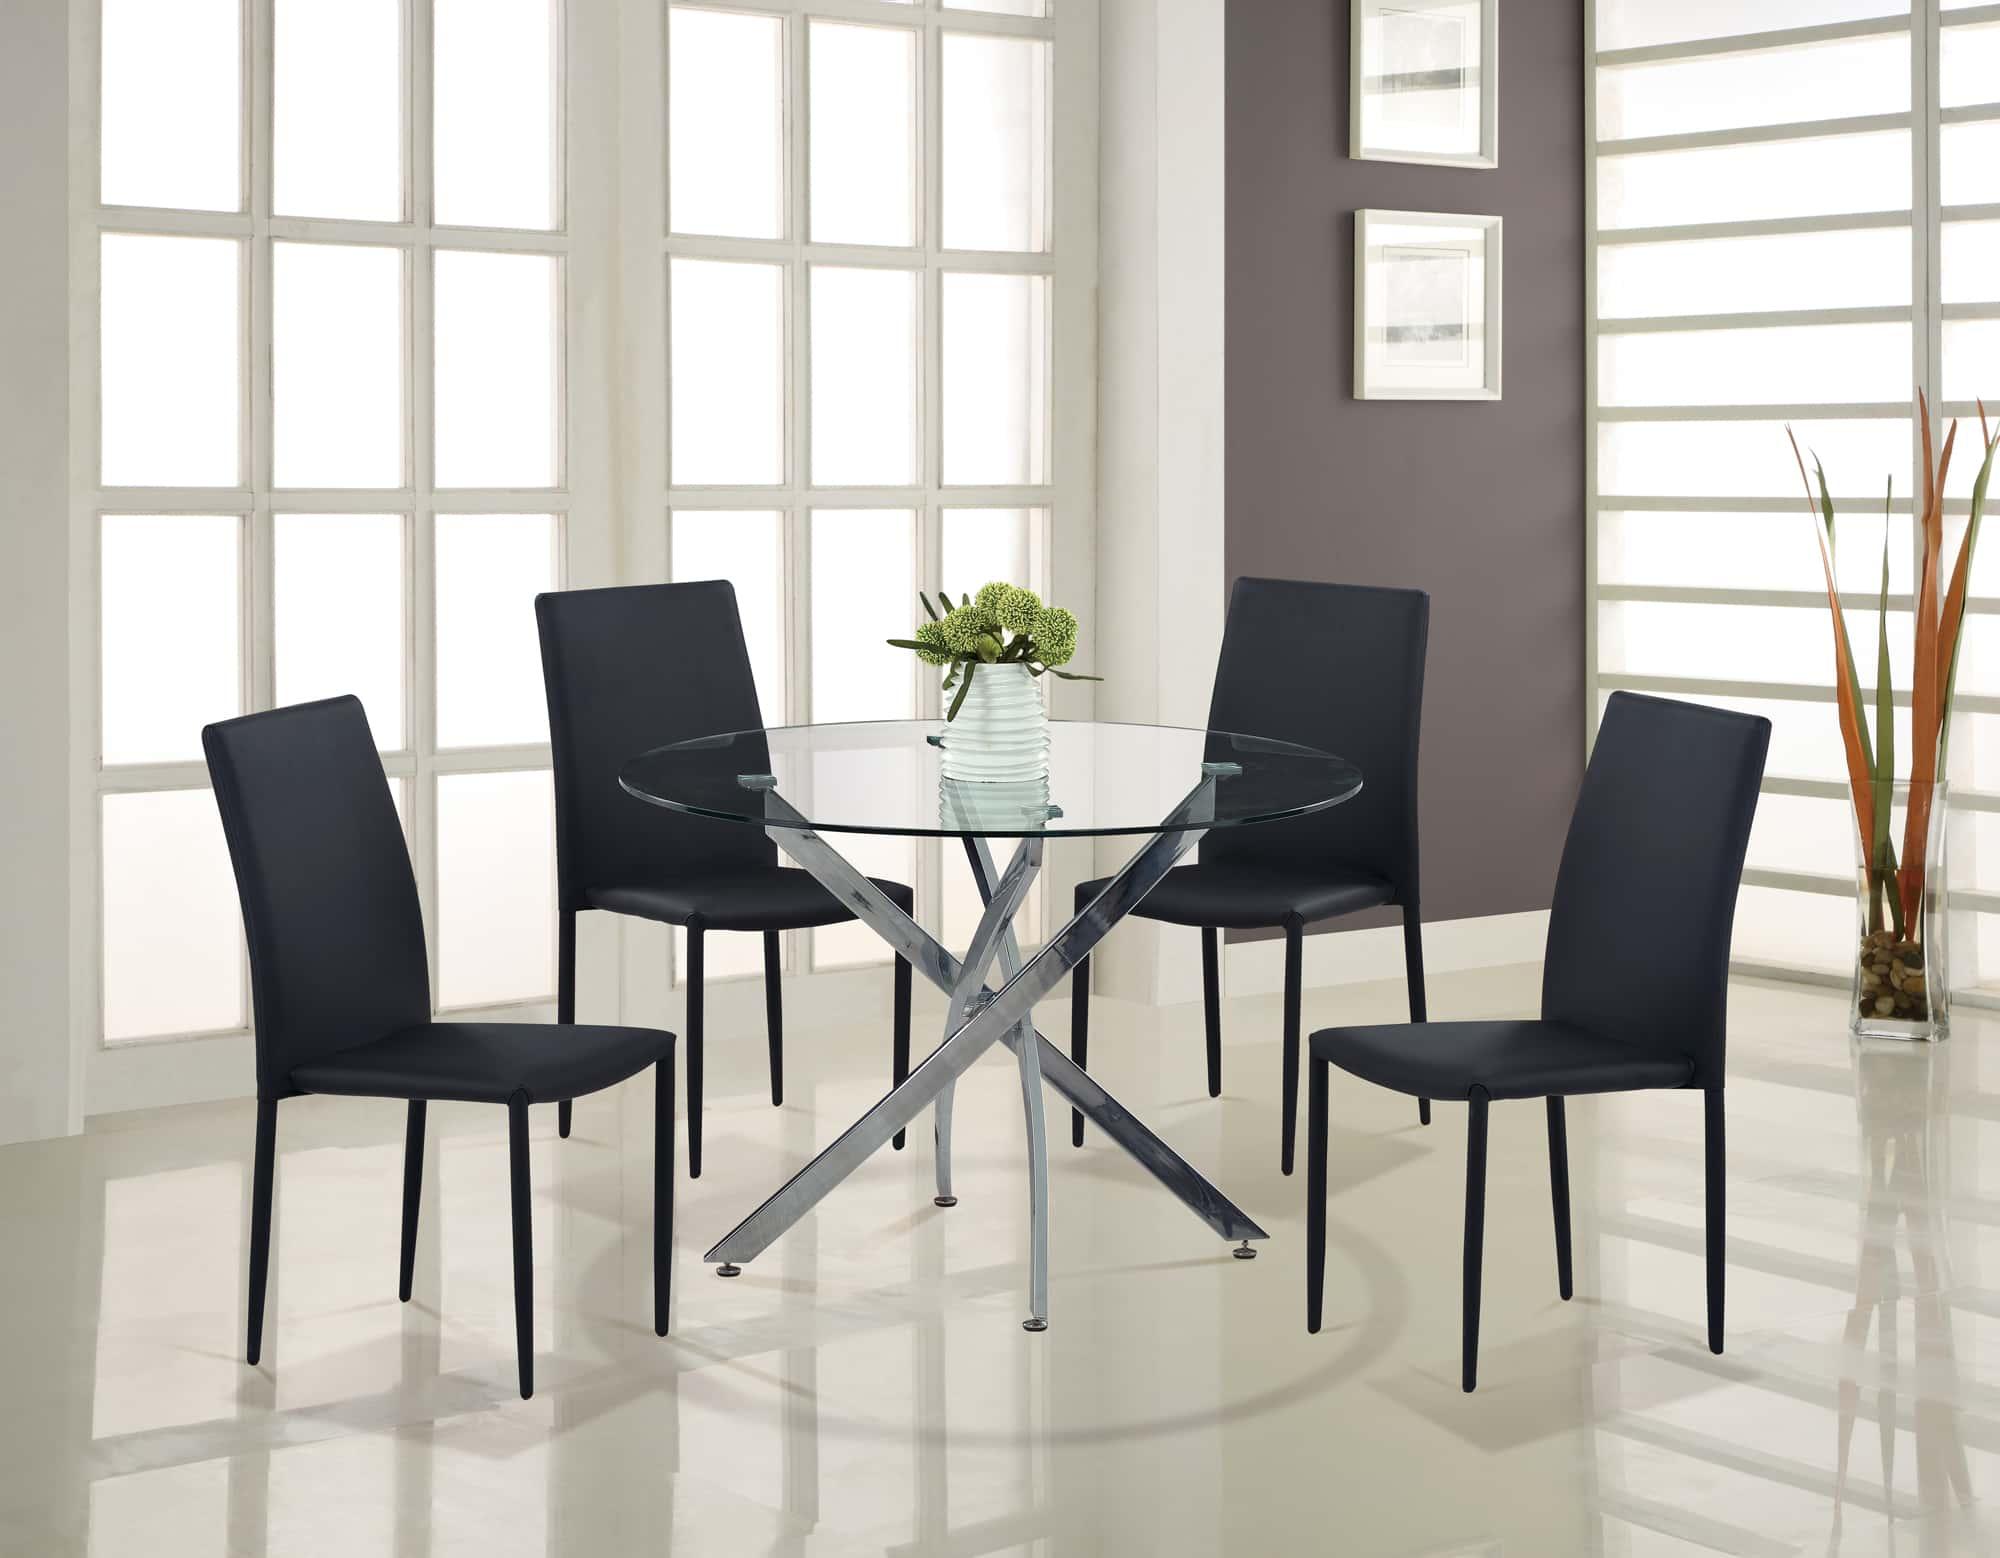 dining table d497dt chrome black pu by global furniture. Black Bedroom Furniture Sets. Home Design Ideas